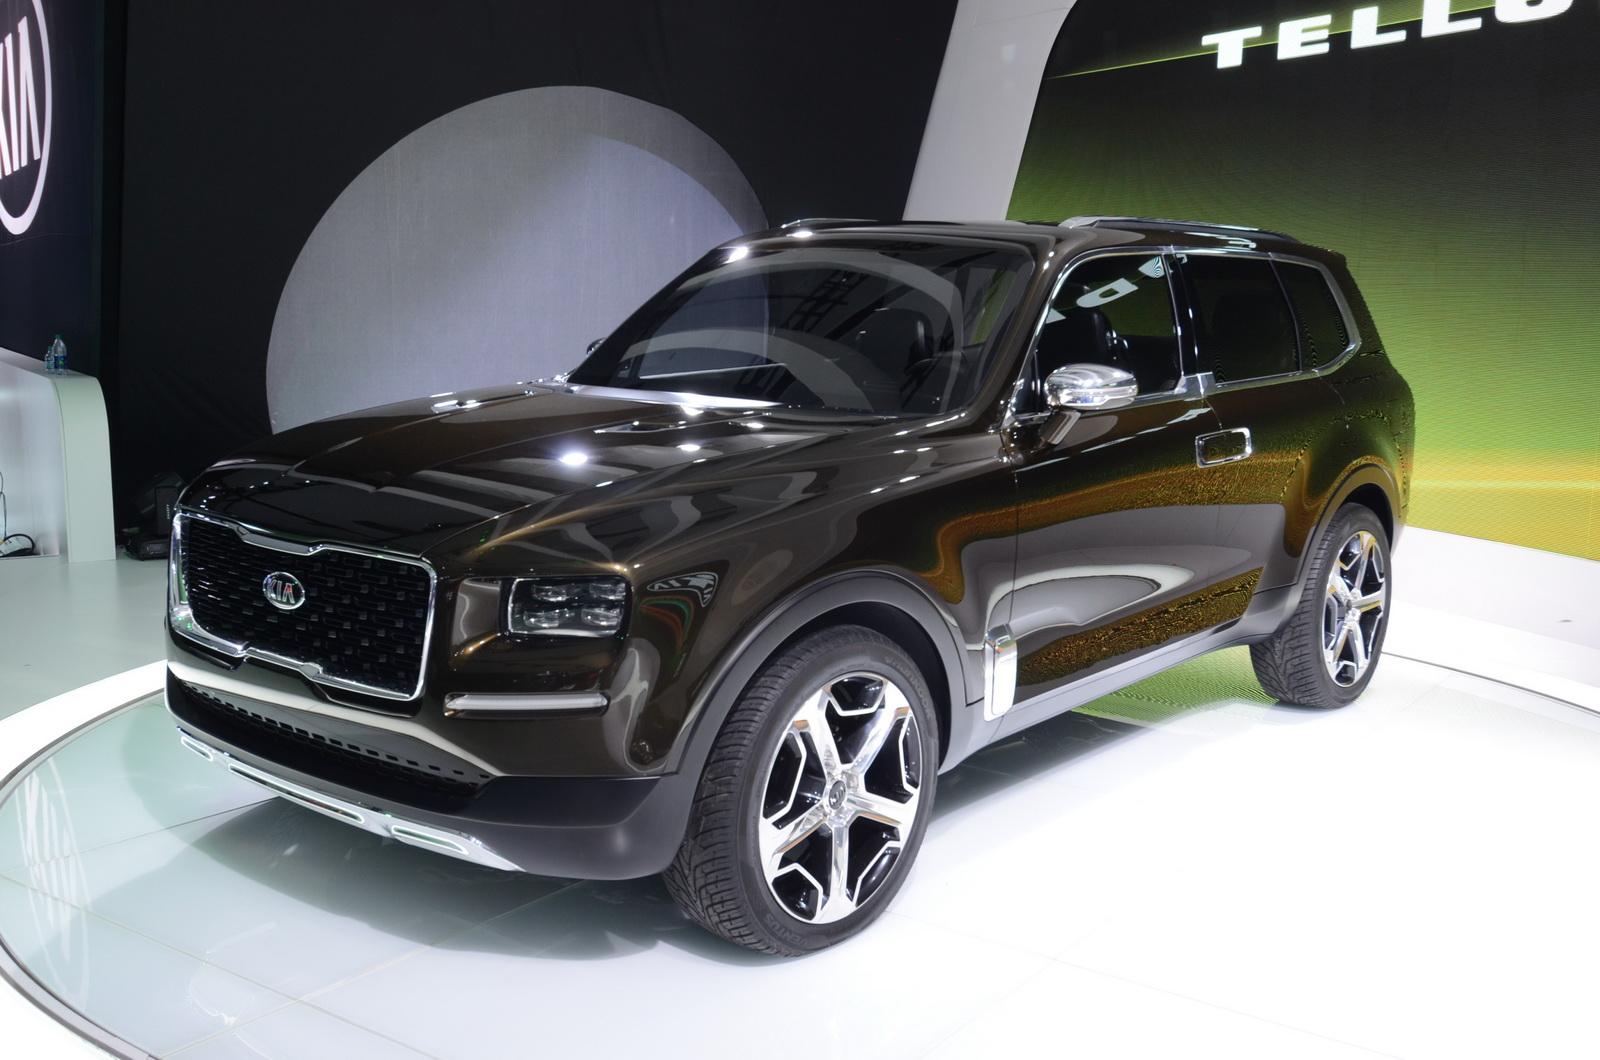 Boxy KIA Telluride Concept Looks Surprisingly Good In ...